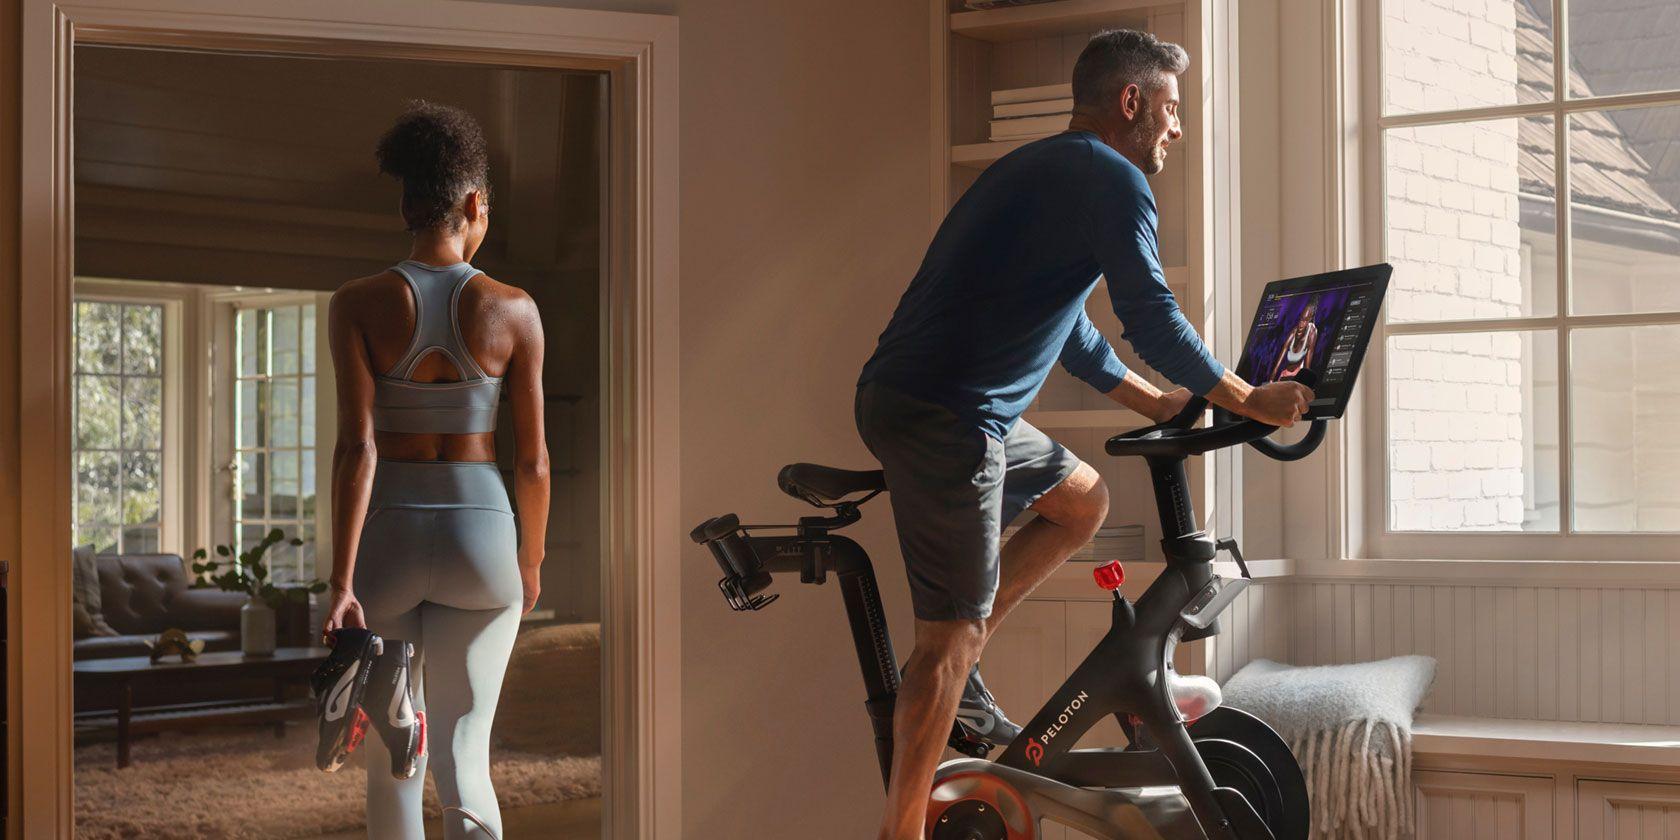 Peloton Vs Nordictrack Vs Echelon The Best Indoor Bike Trainer In 2020 Indoor Bike Trainer No Equipment Workout Nordictrack